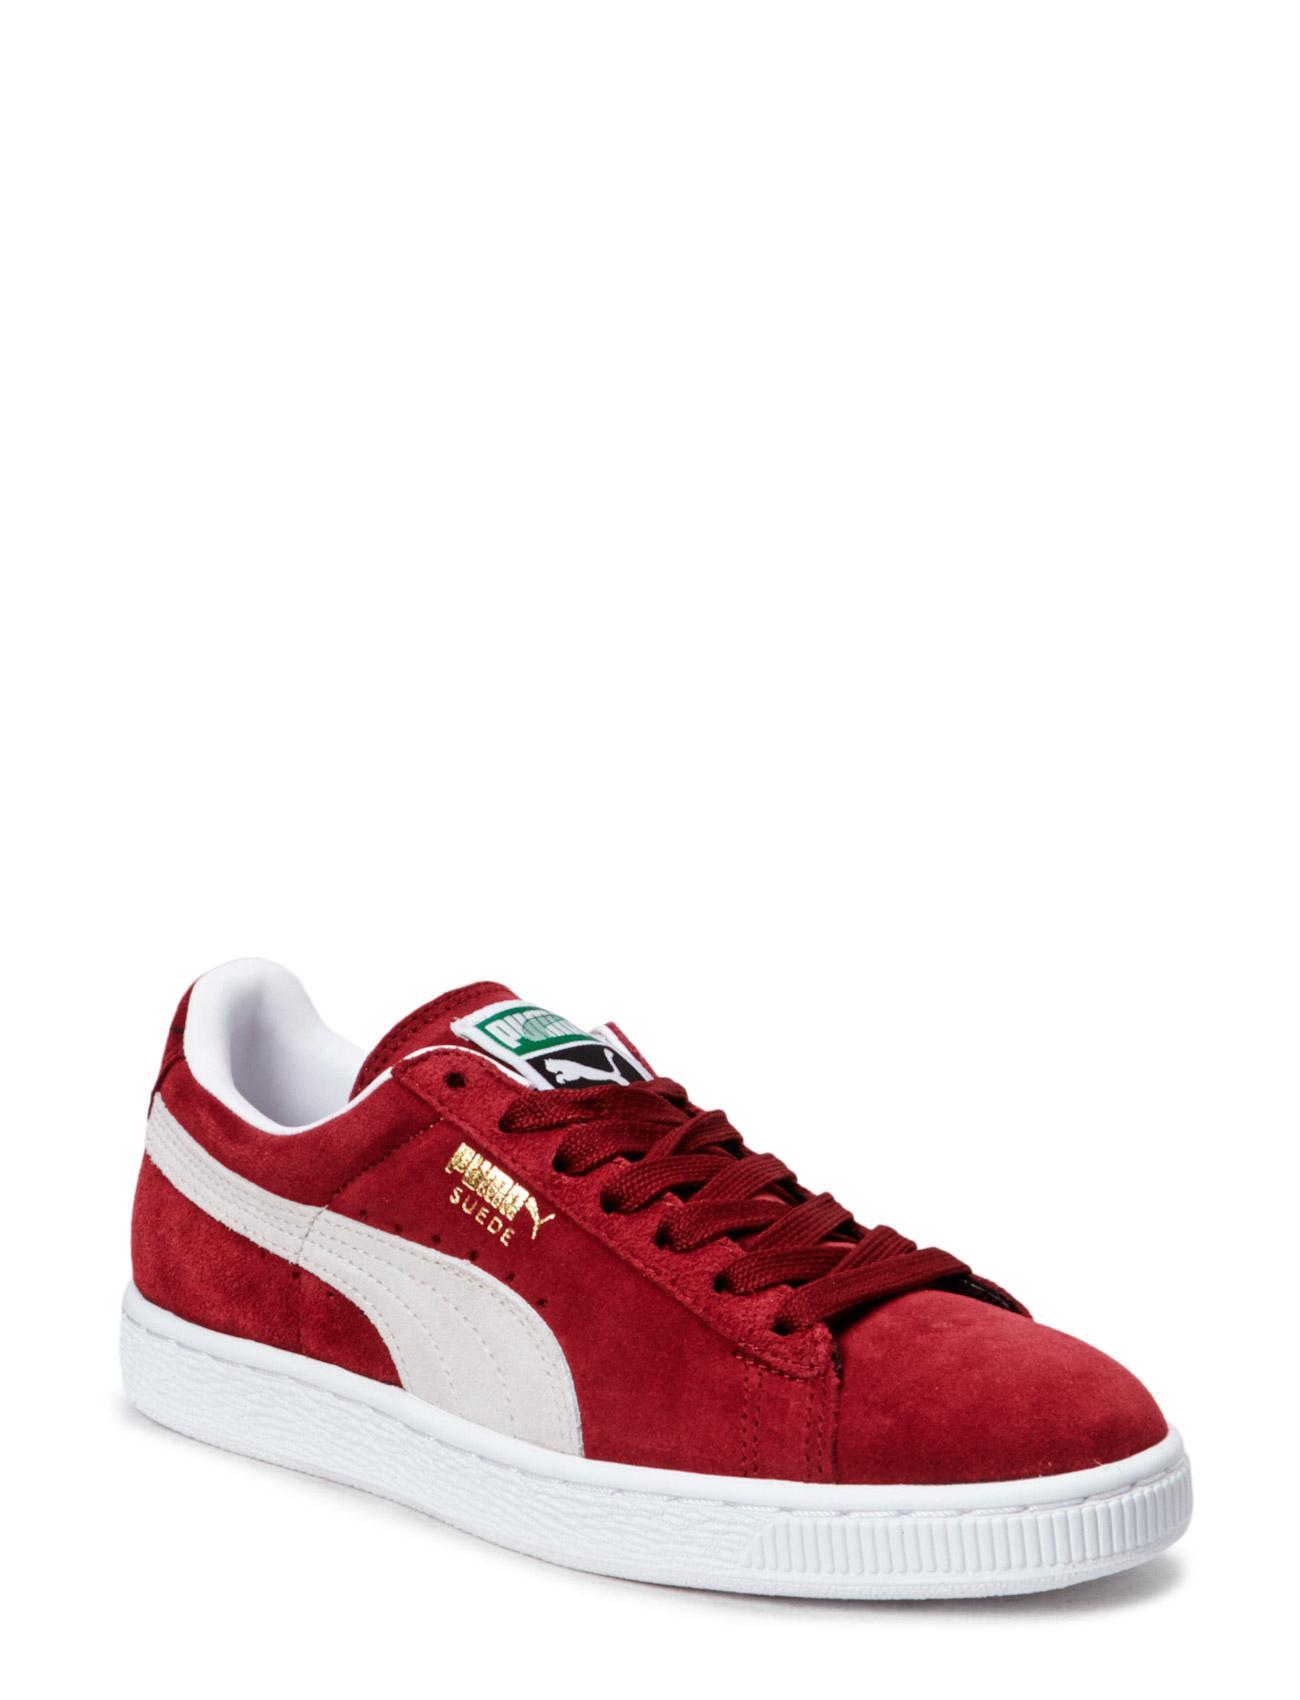 Suede Classic+ Puma Sneakers til Mænd i Grå hvid